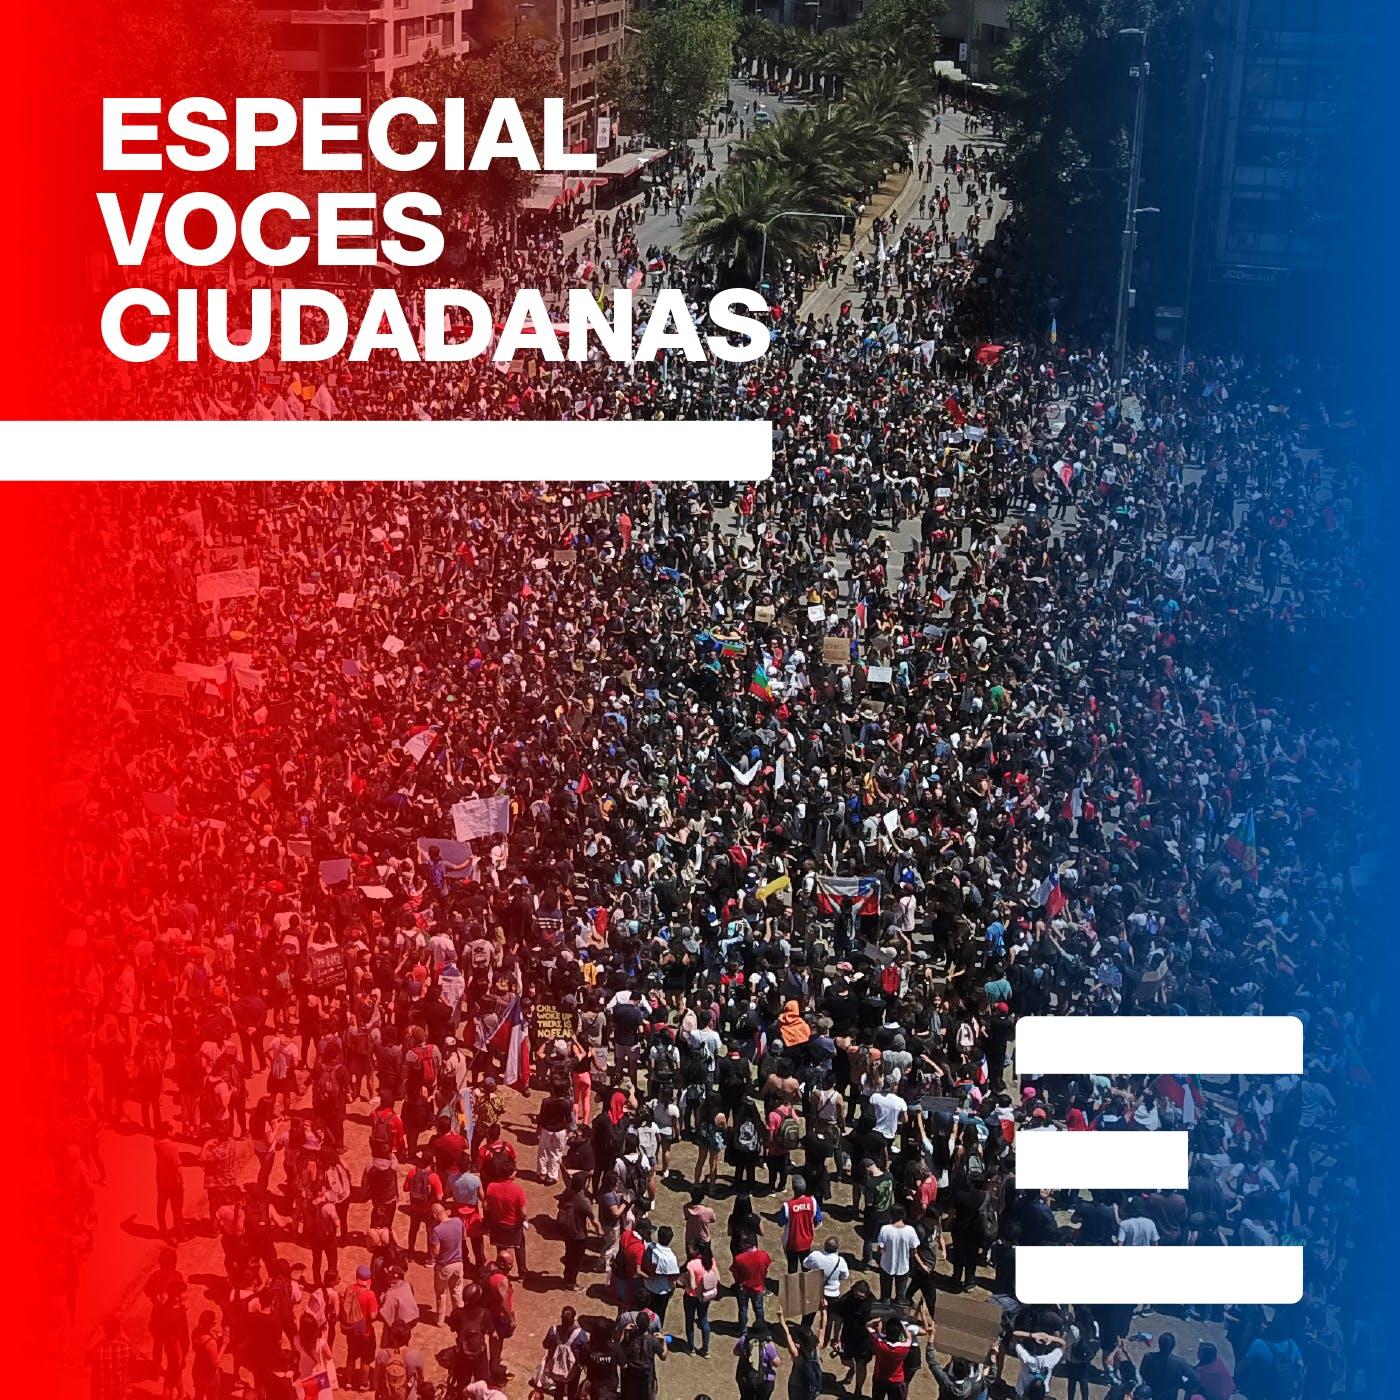 Marchando por nueva Constitución - Voces Ciudadanas - Emisor Podcasting